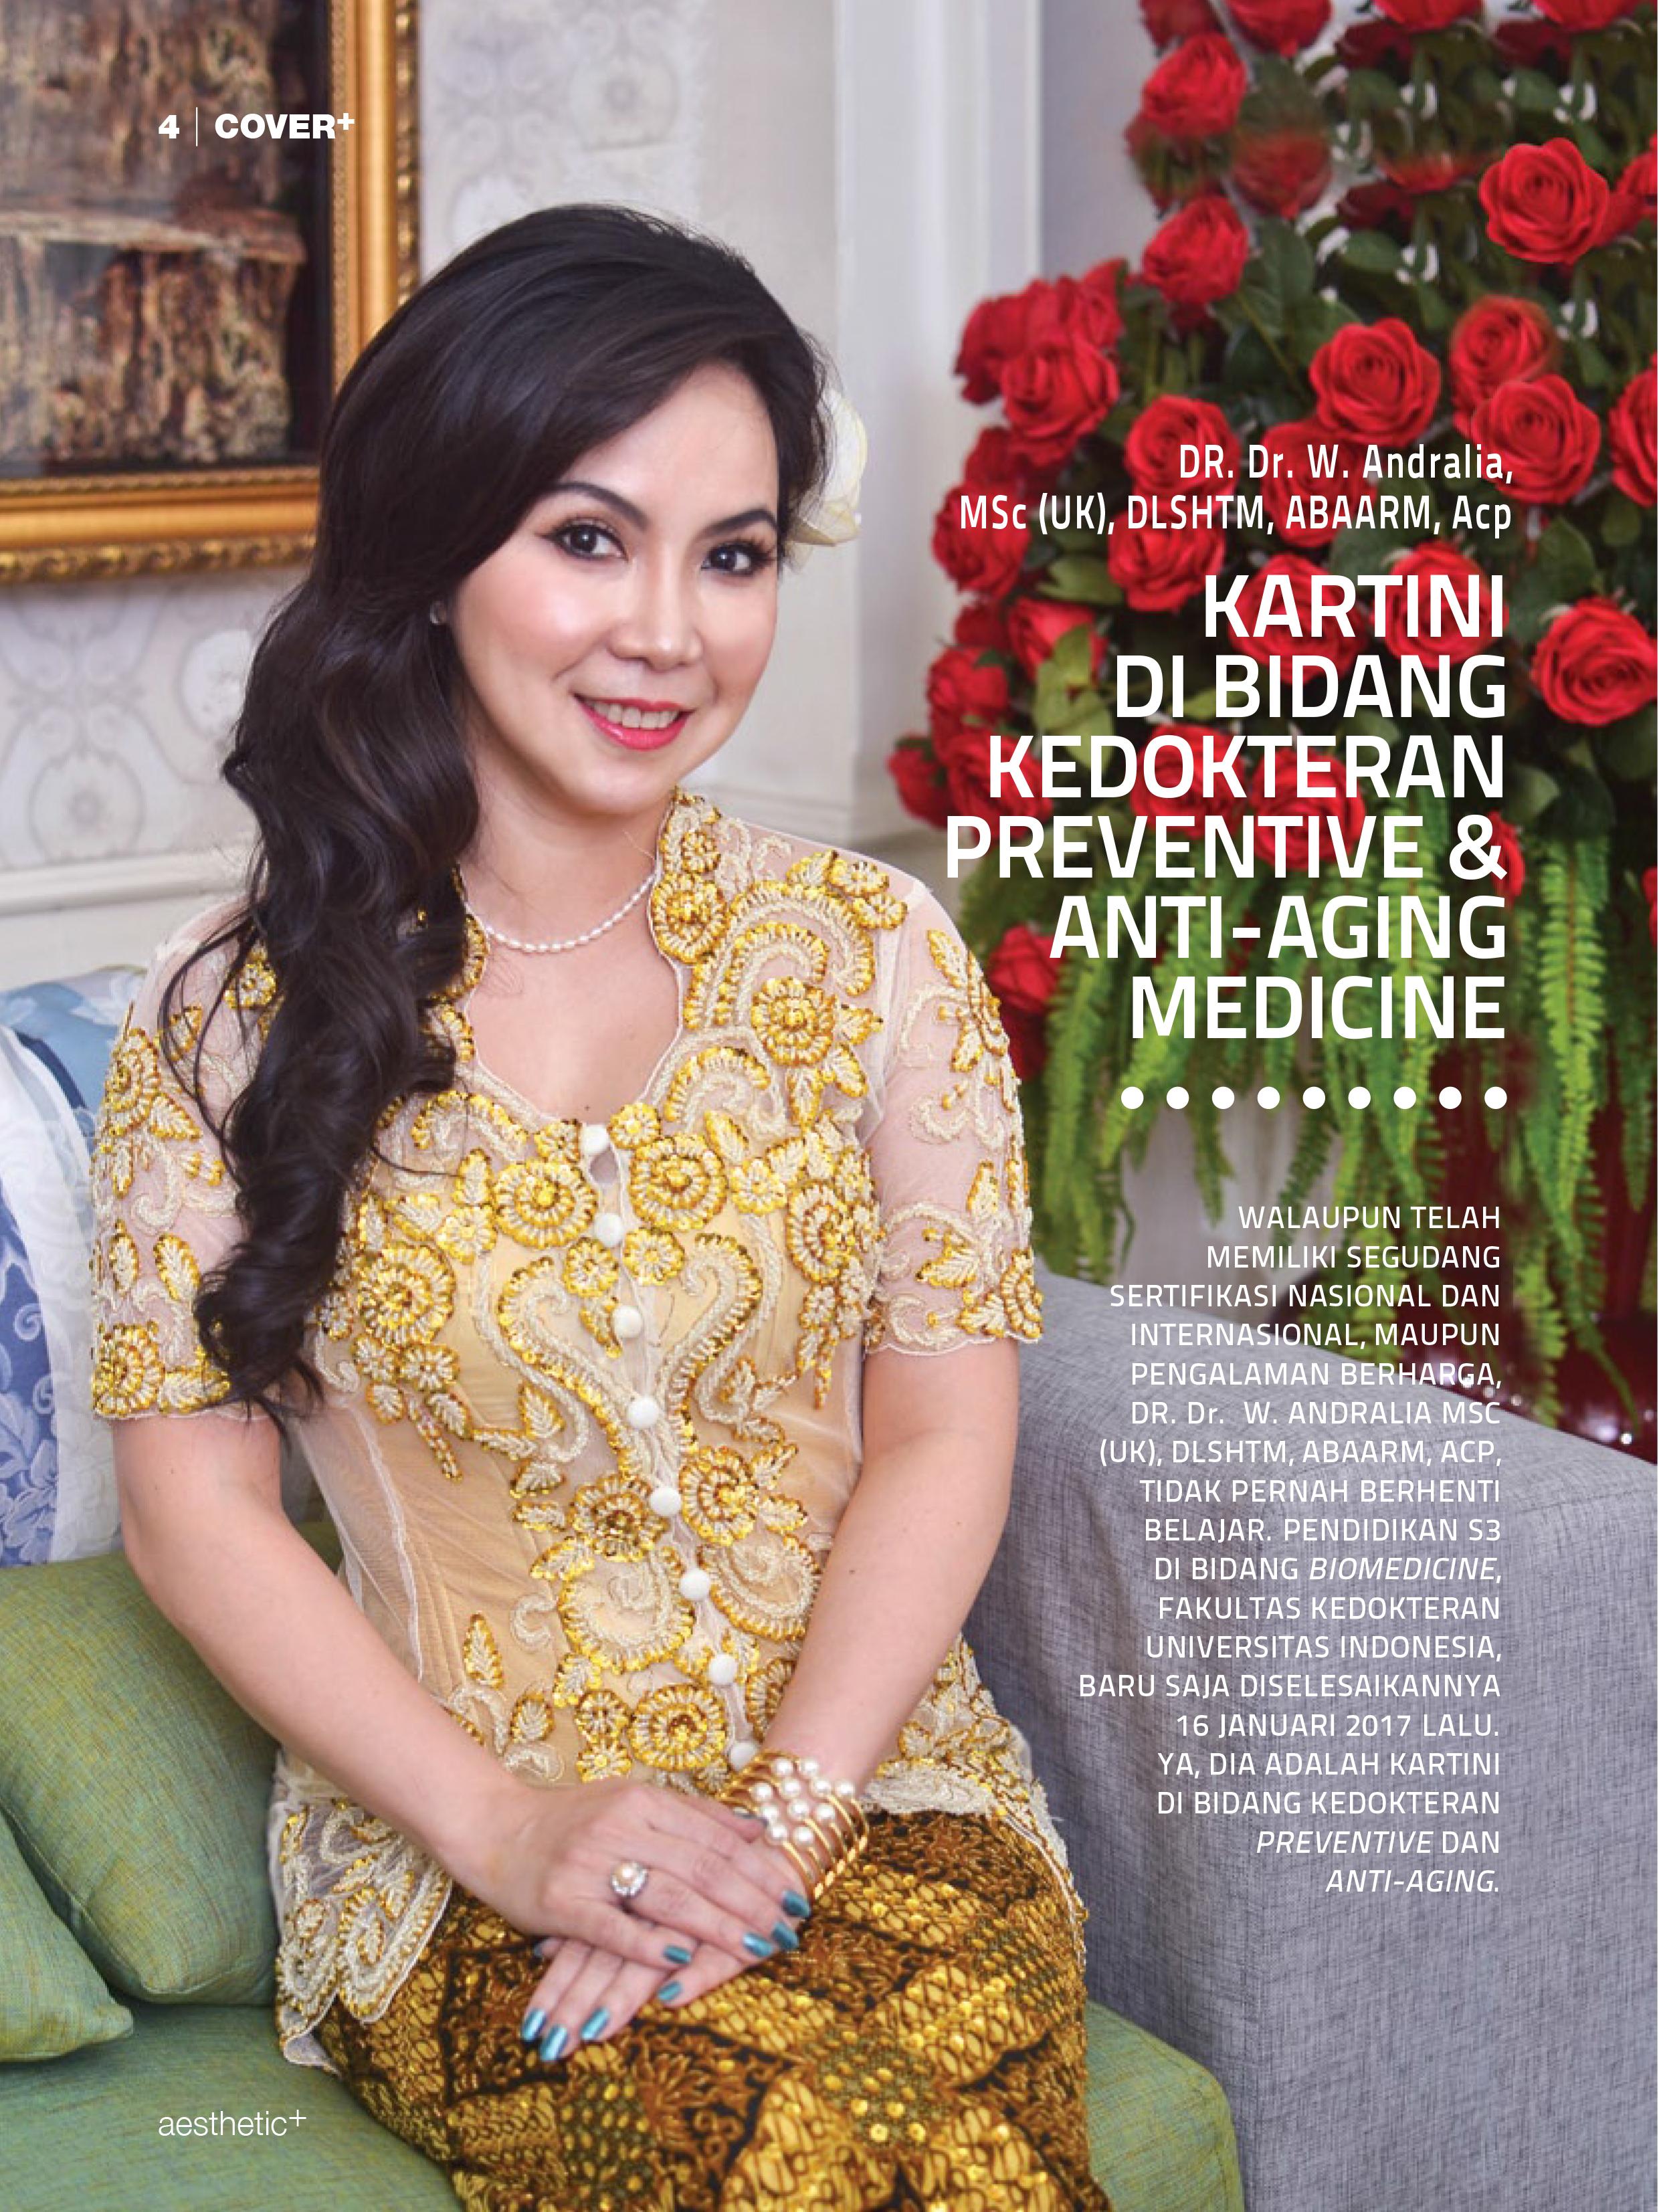 Kartini di Bidang Kedokteran Preventive & Anti Aging Medicine